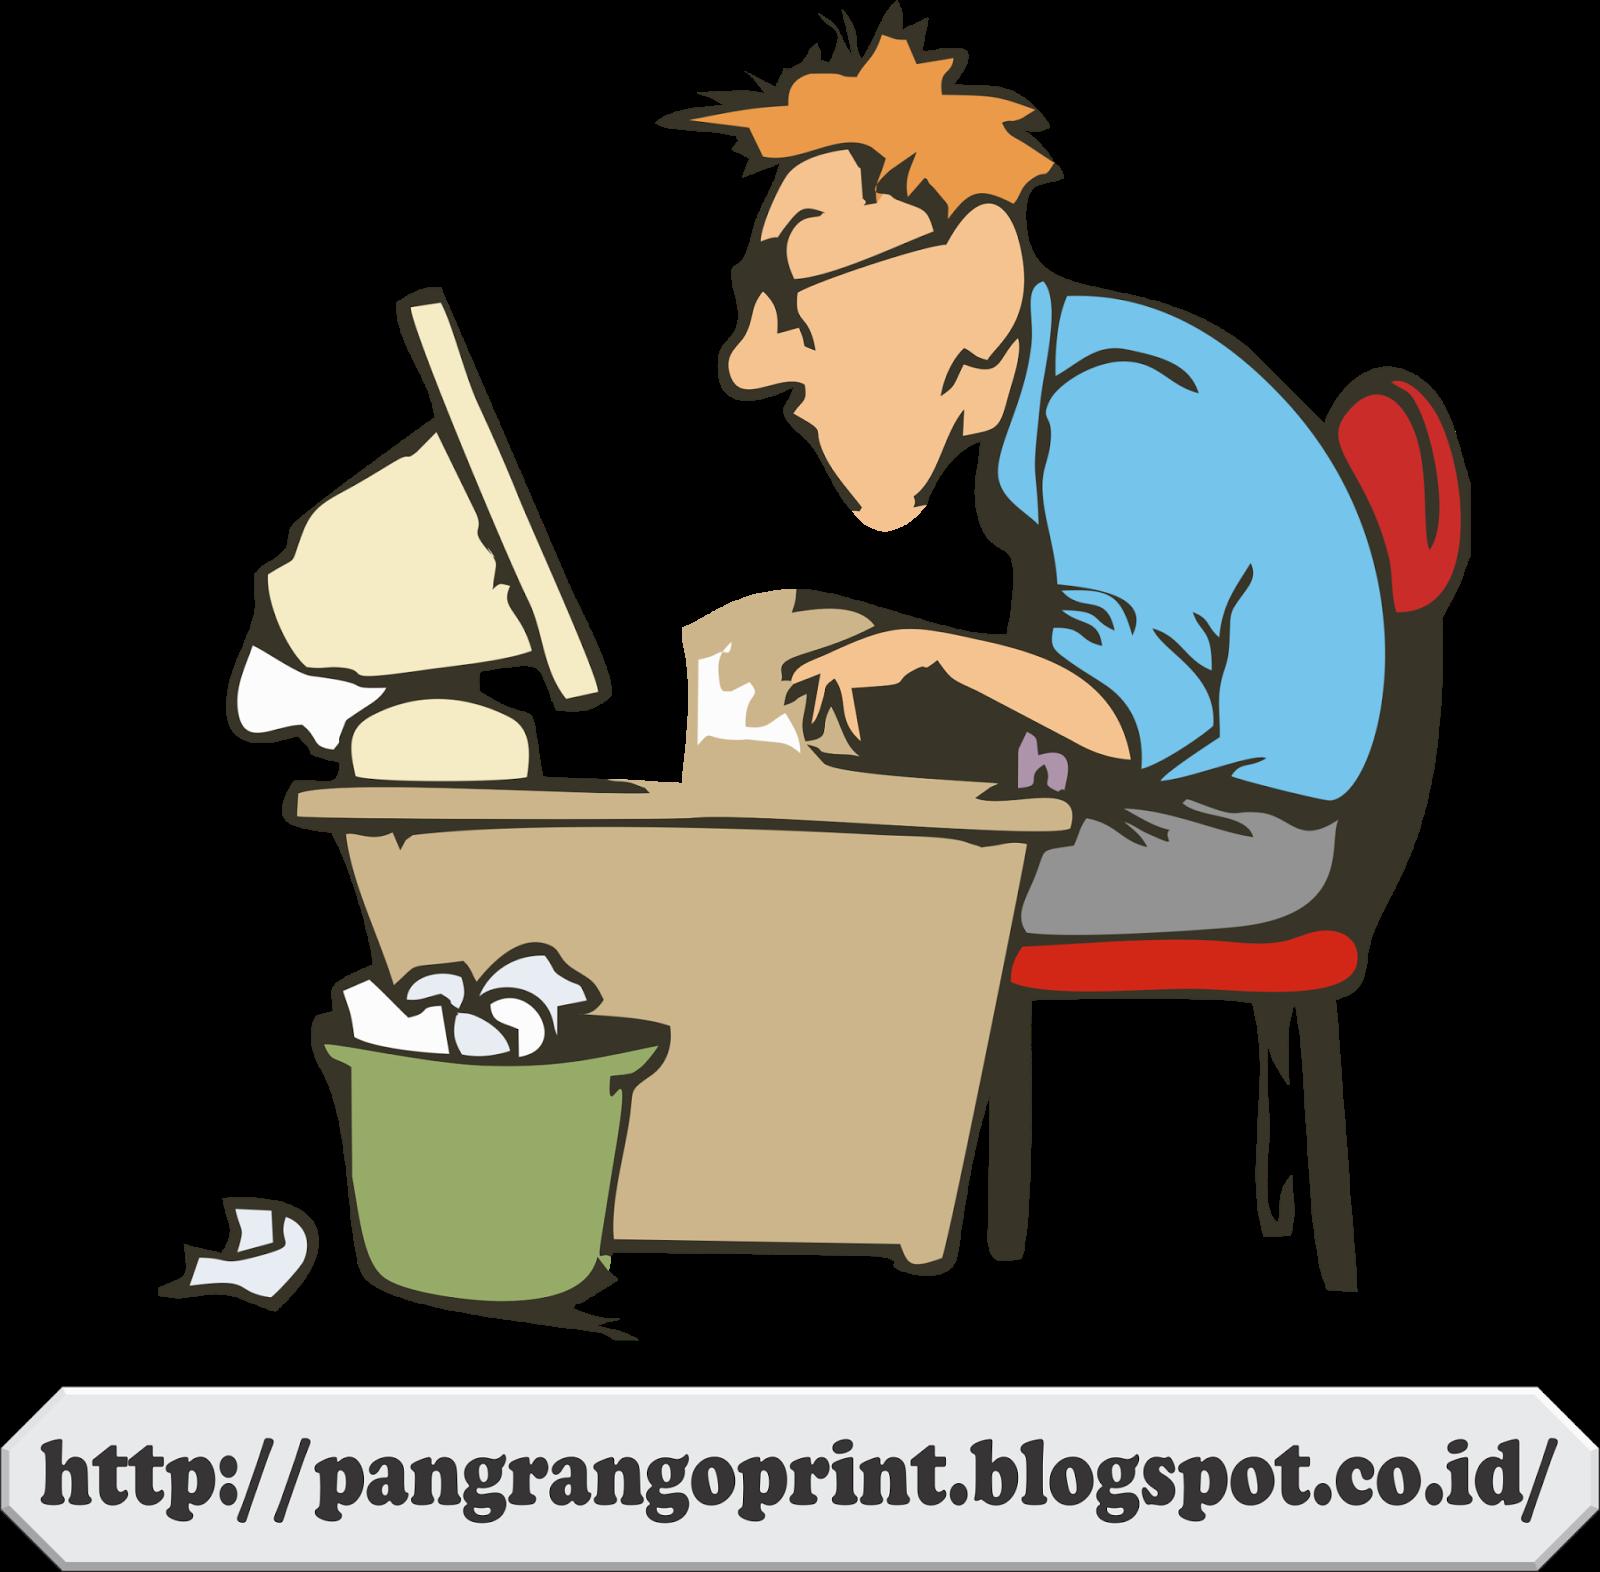 Pengertian Biantara Bahasa Sunda Pangrangoprint